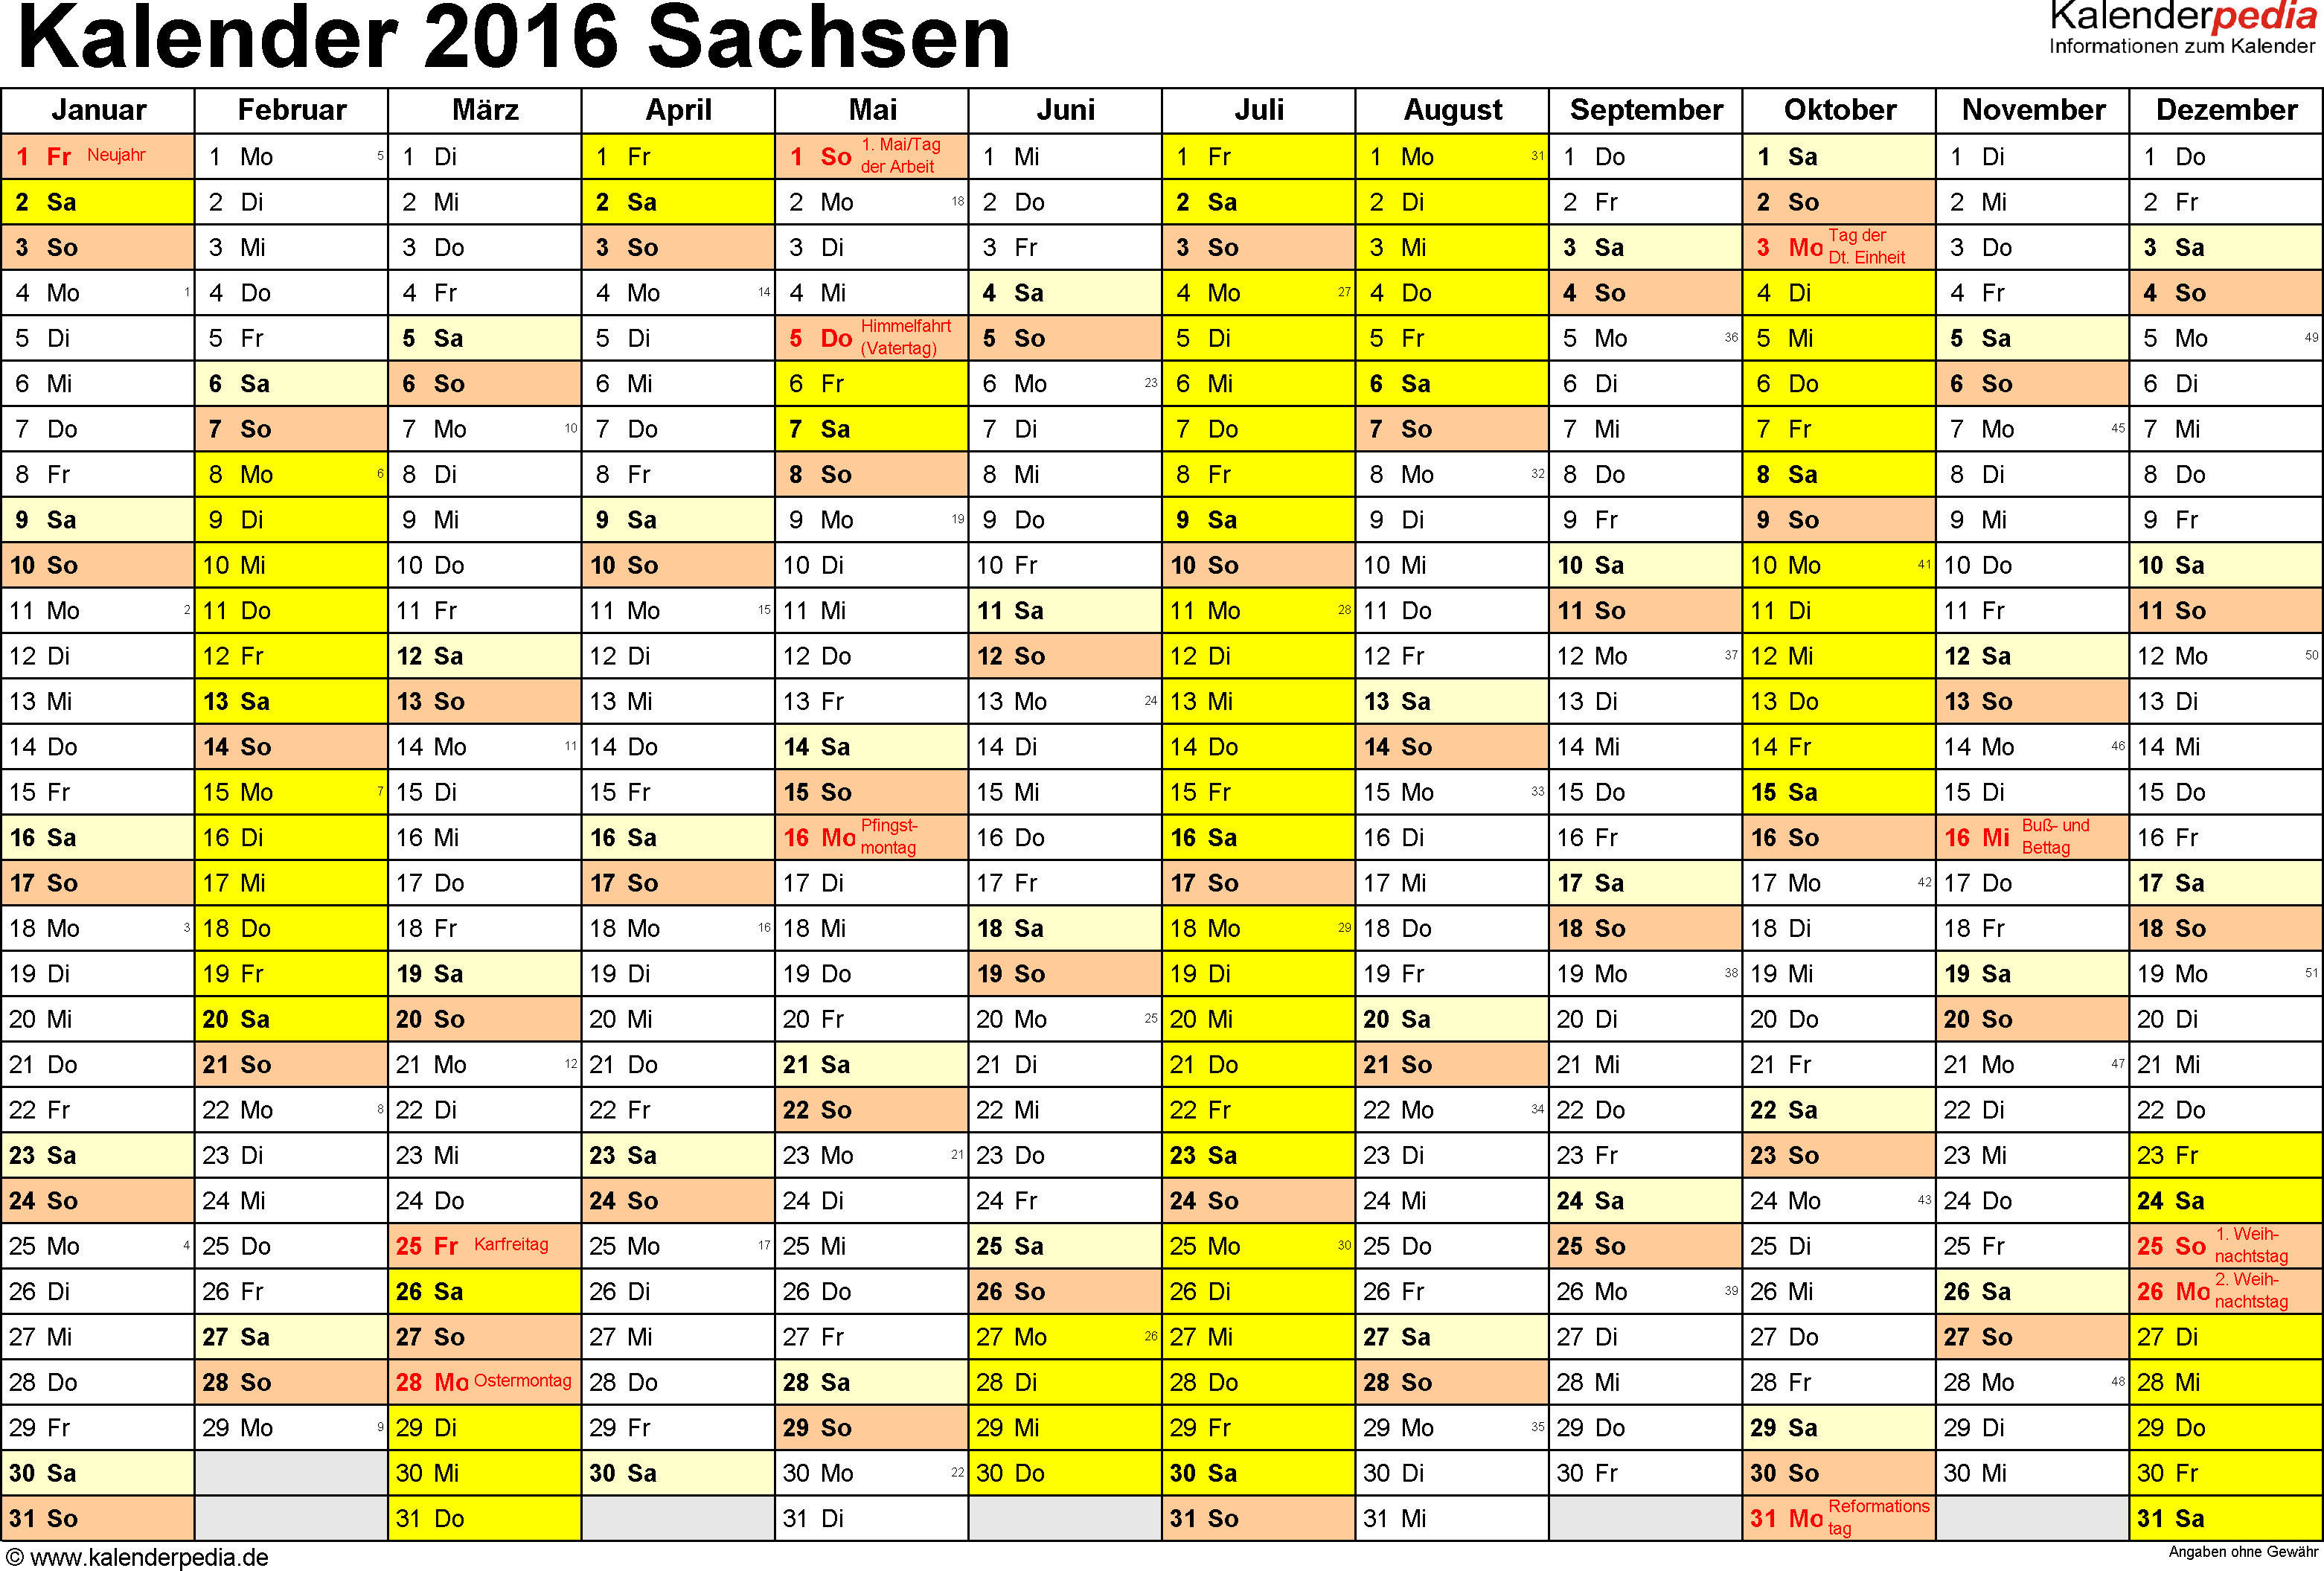 Vorlage 1: Kalender 2016 für Sachsen als Word-Vorlage (Querformat, 1 Seite)